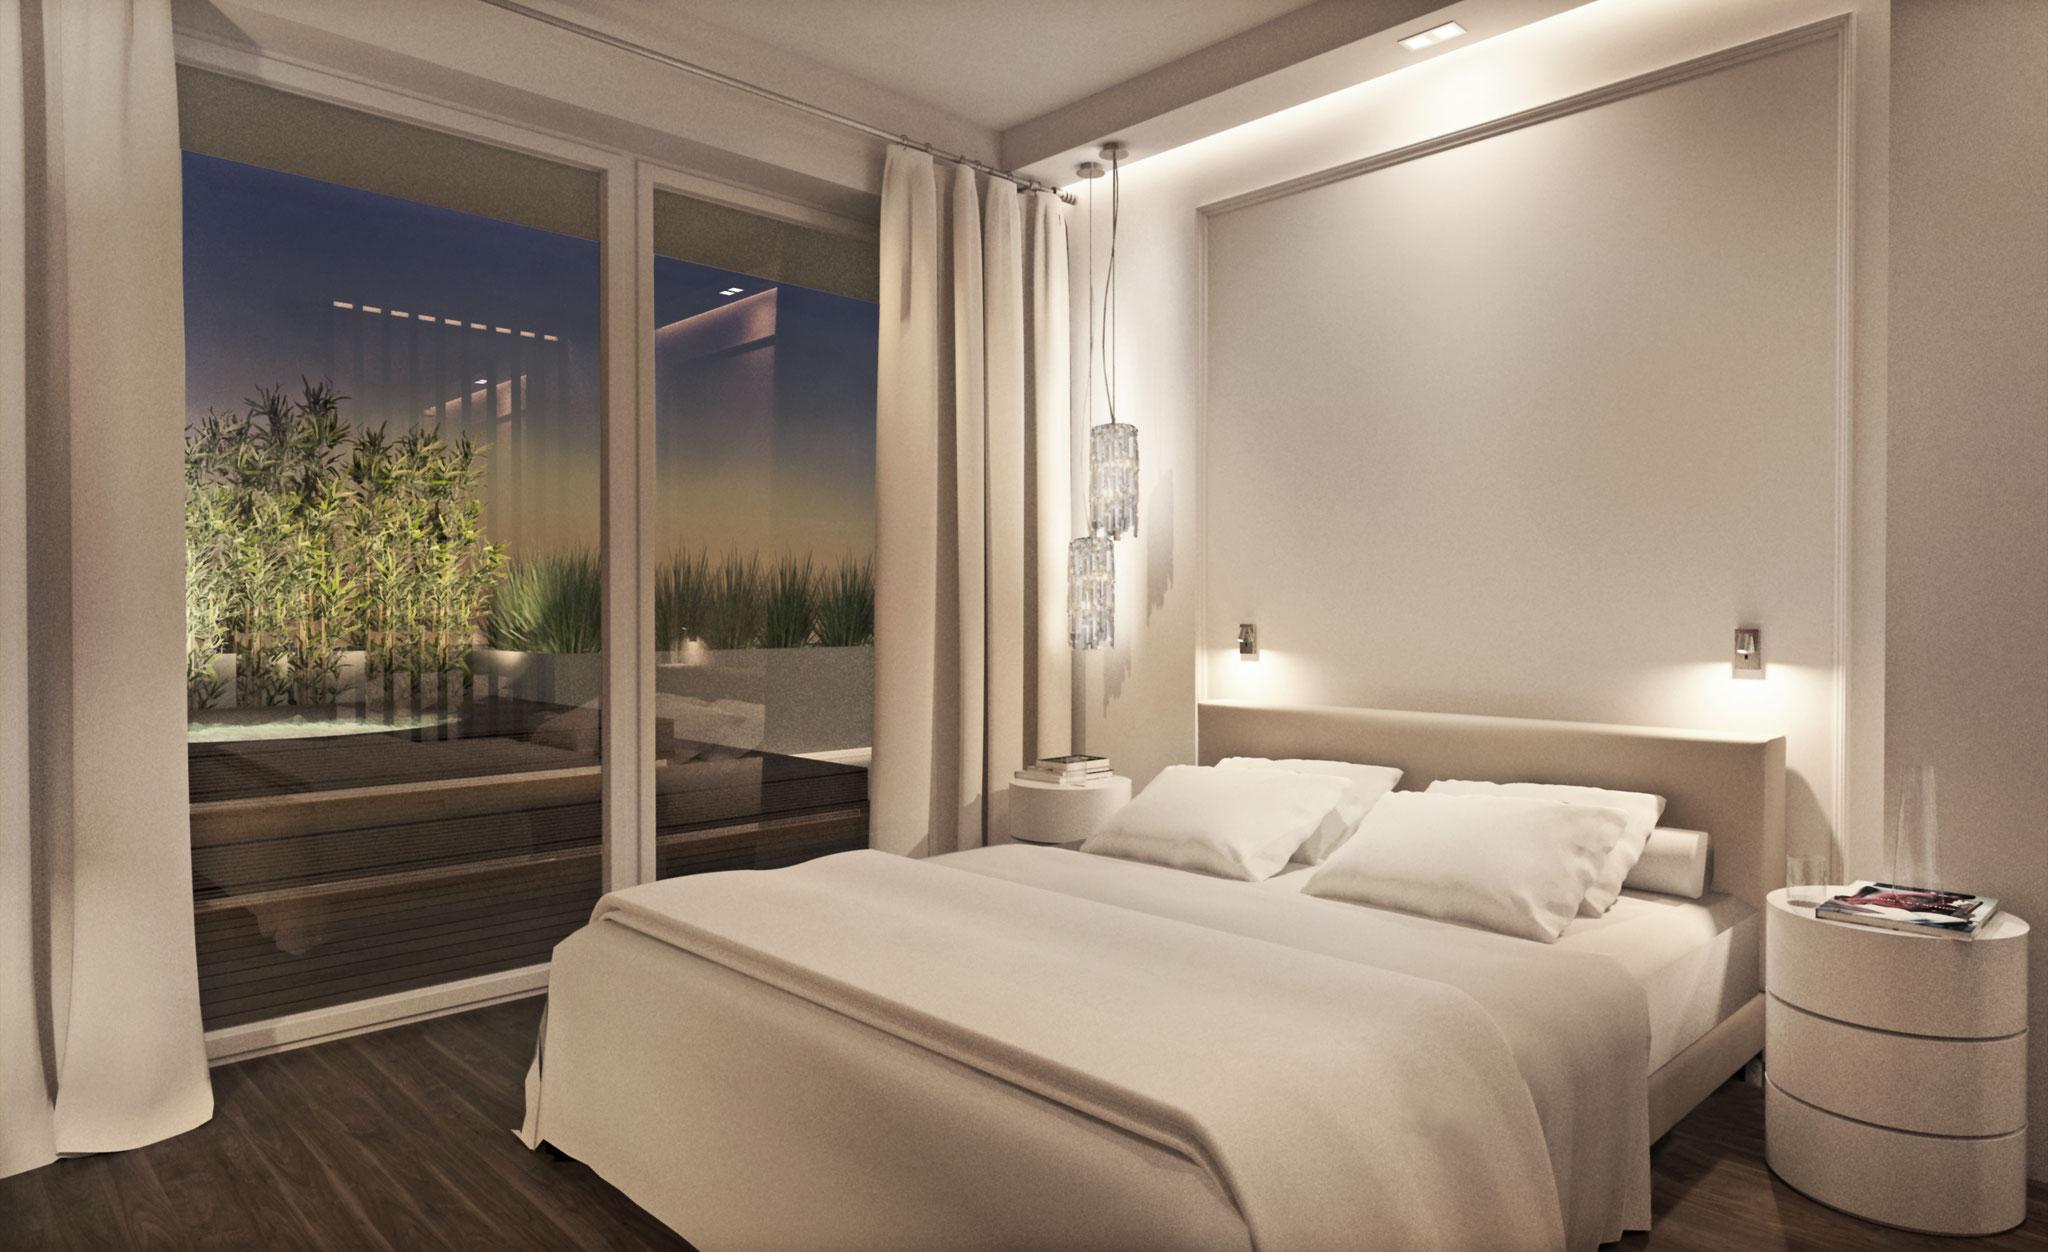 Penthouse N., Leibnitz  Schlafzimmer